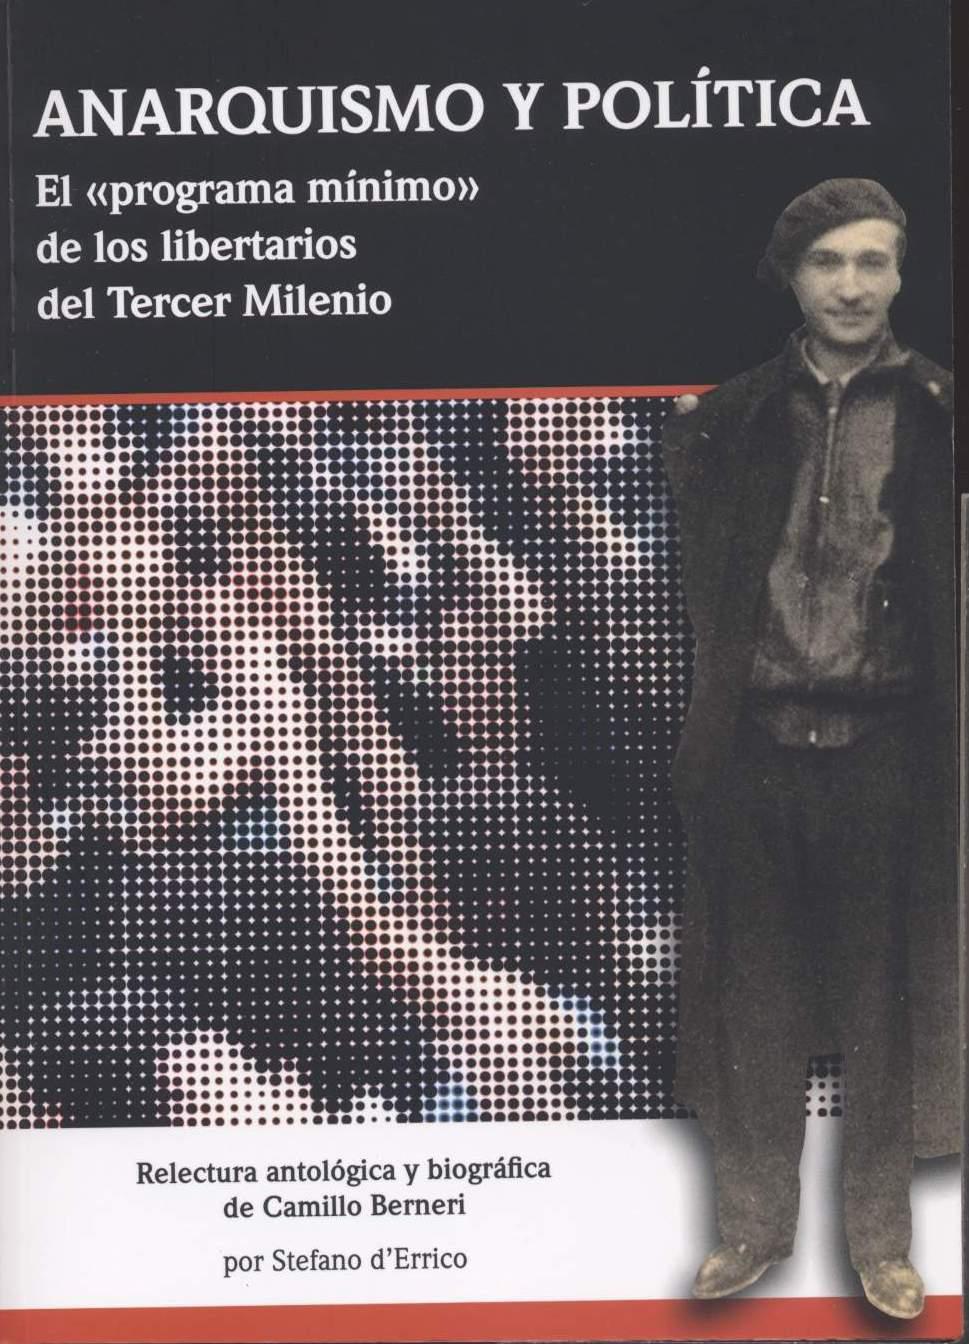 <a href='http://fundacionssegui.org/barcelona/es/anarquismo-y-politica/'>Anarquismo y política</a>